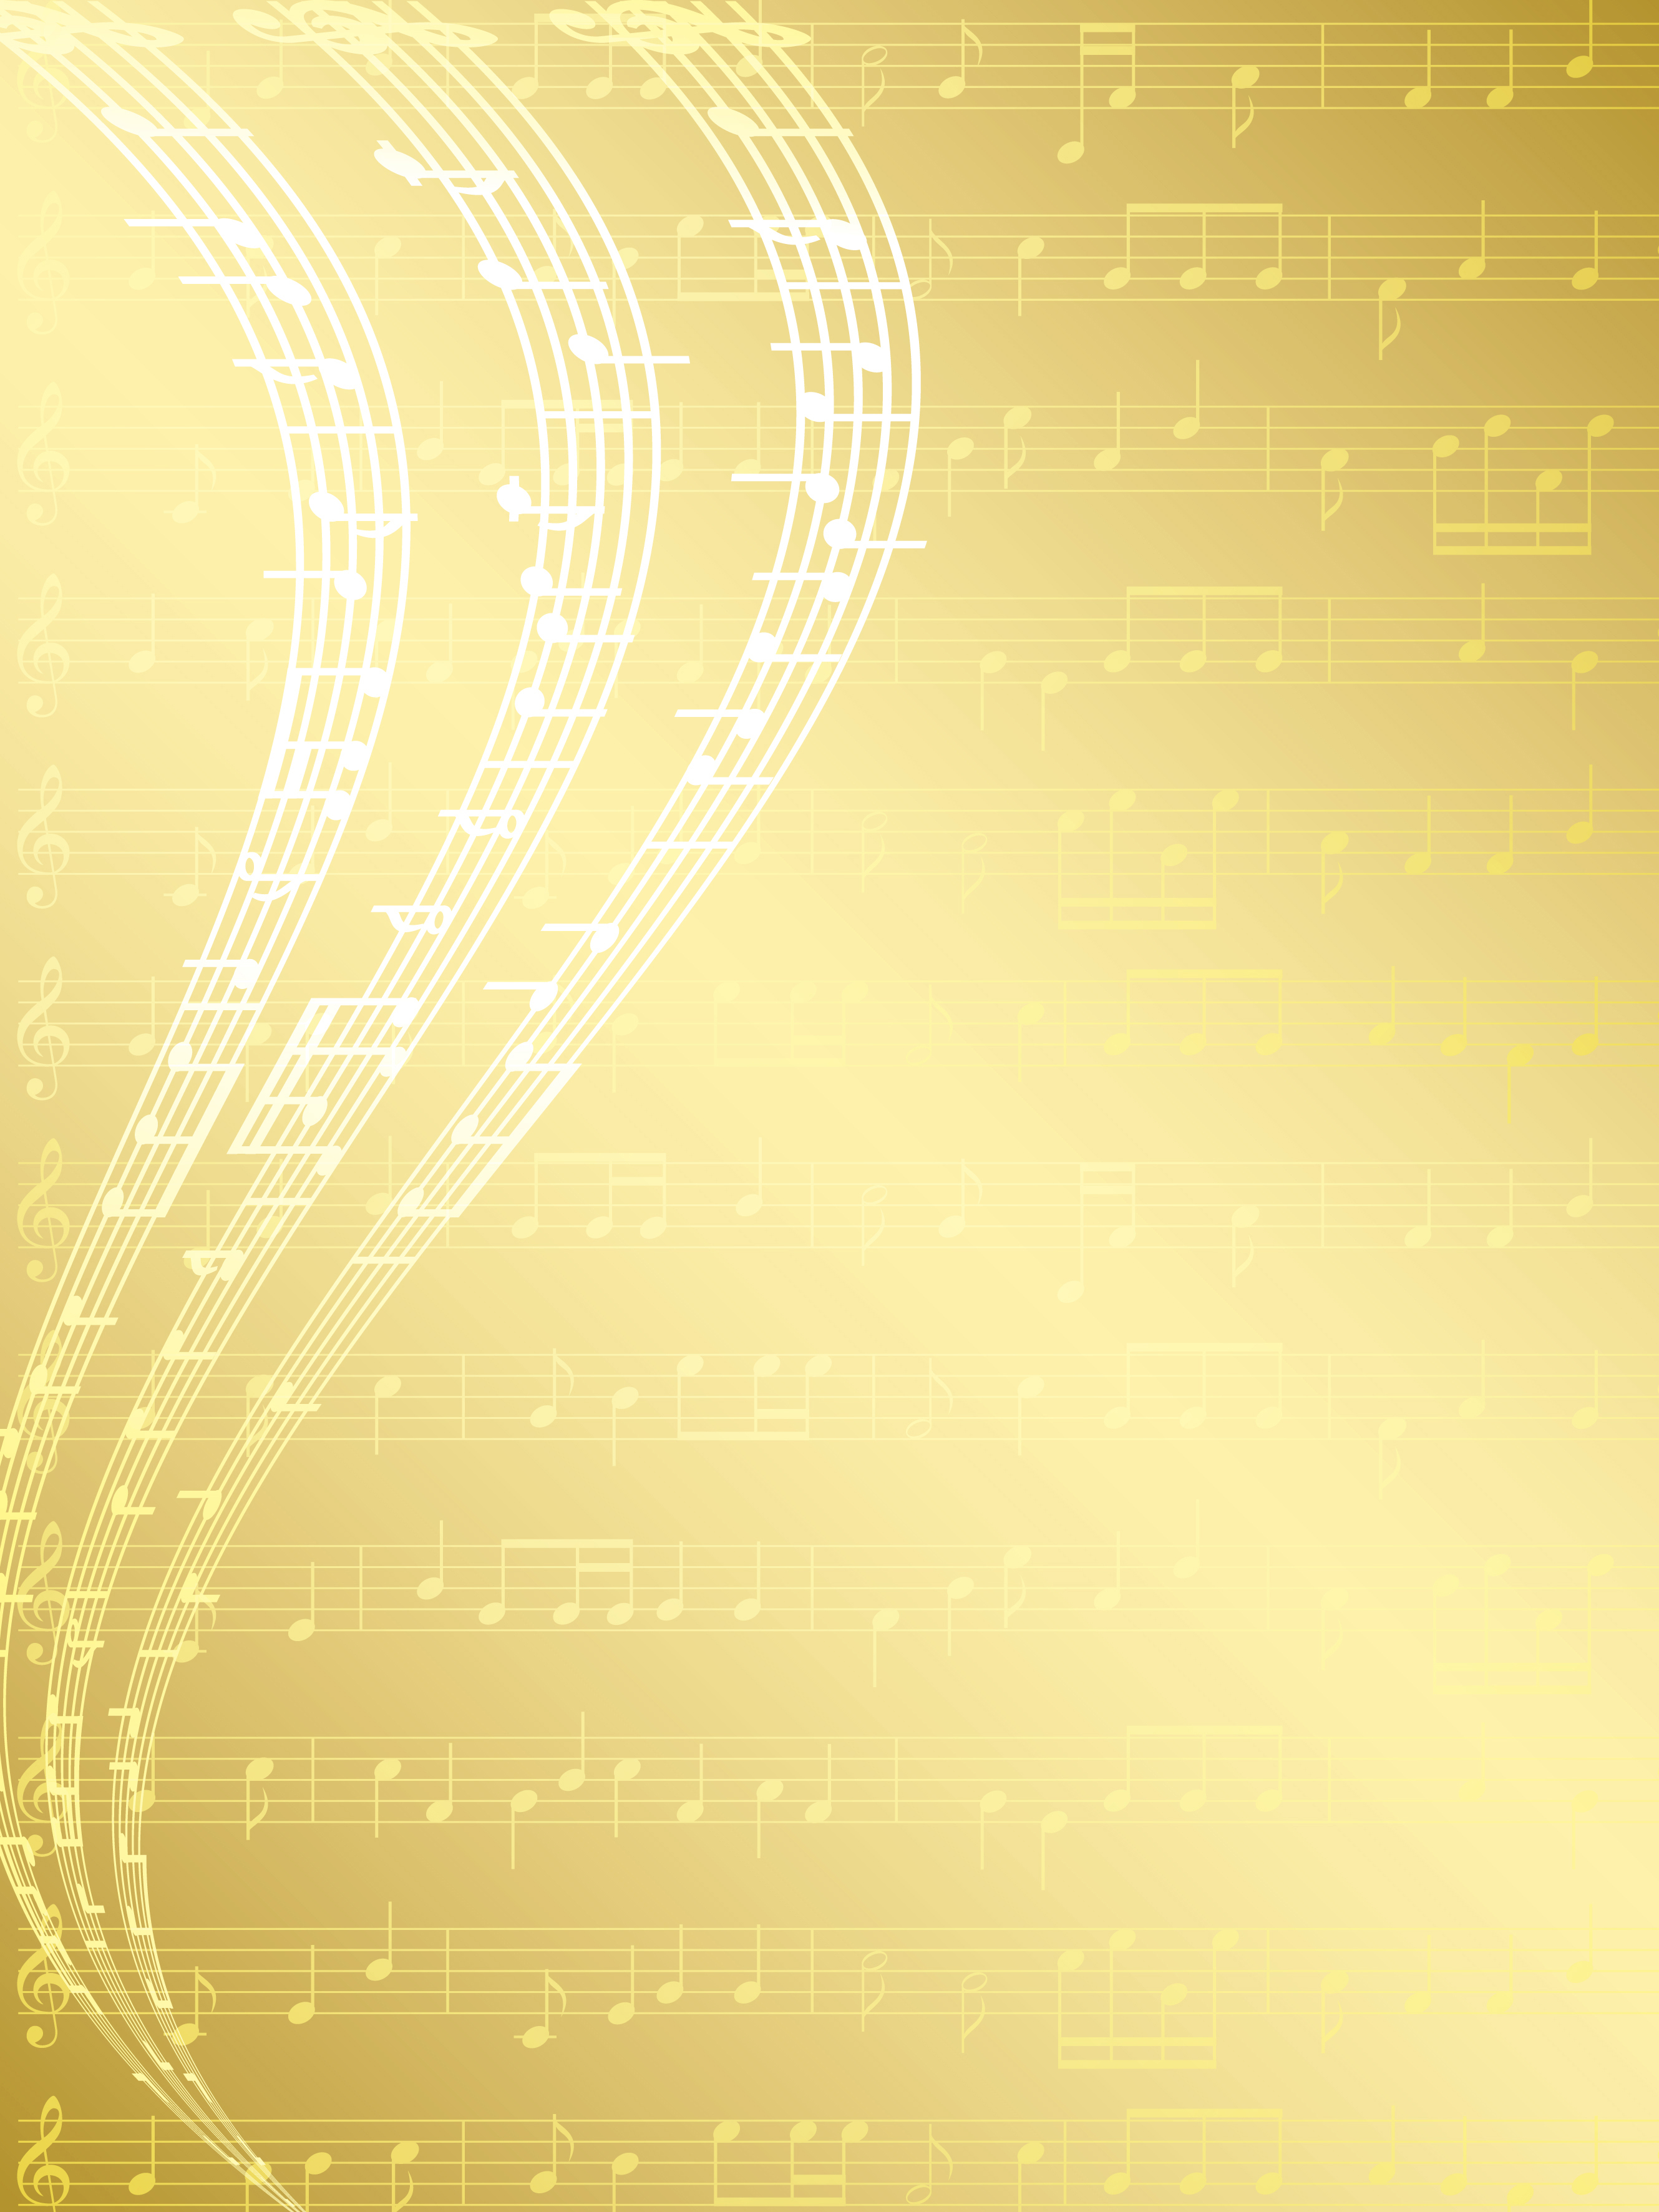 Schwob School of Music: Trumpet Studio Recital